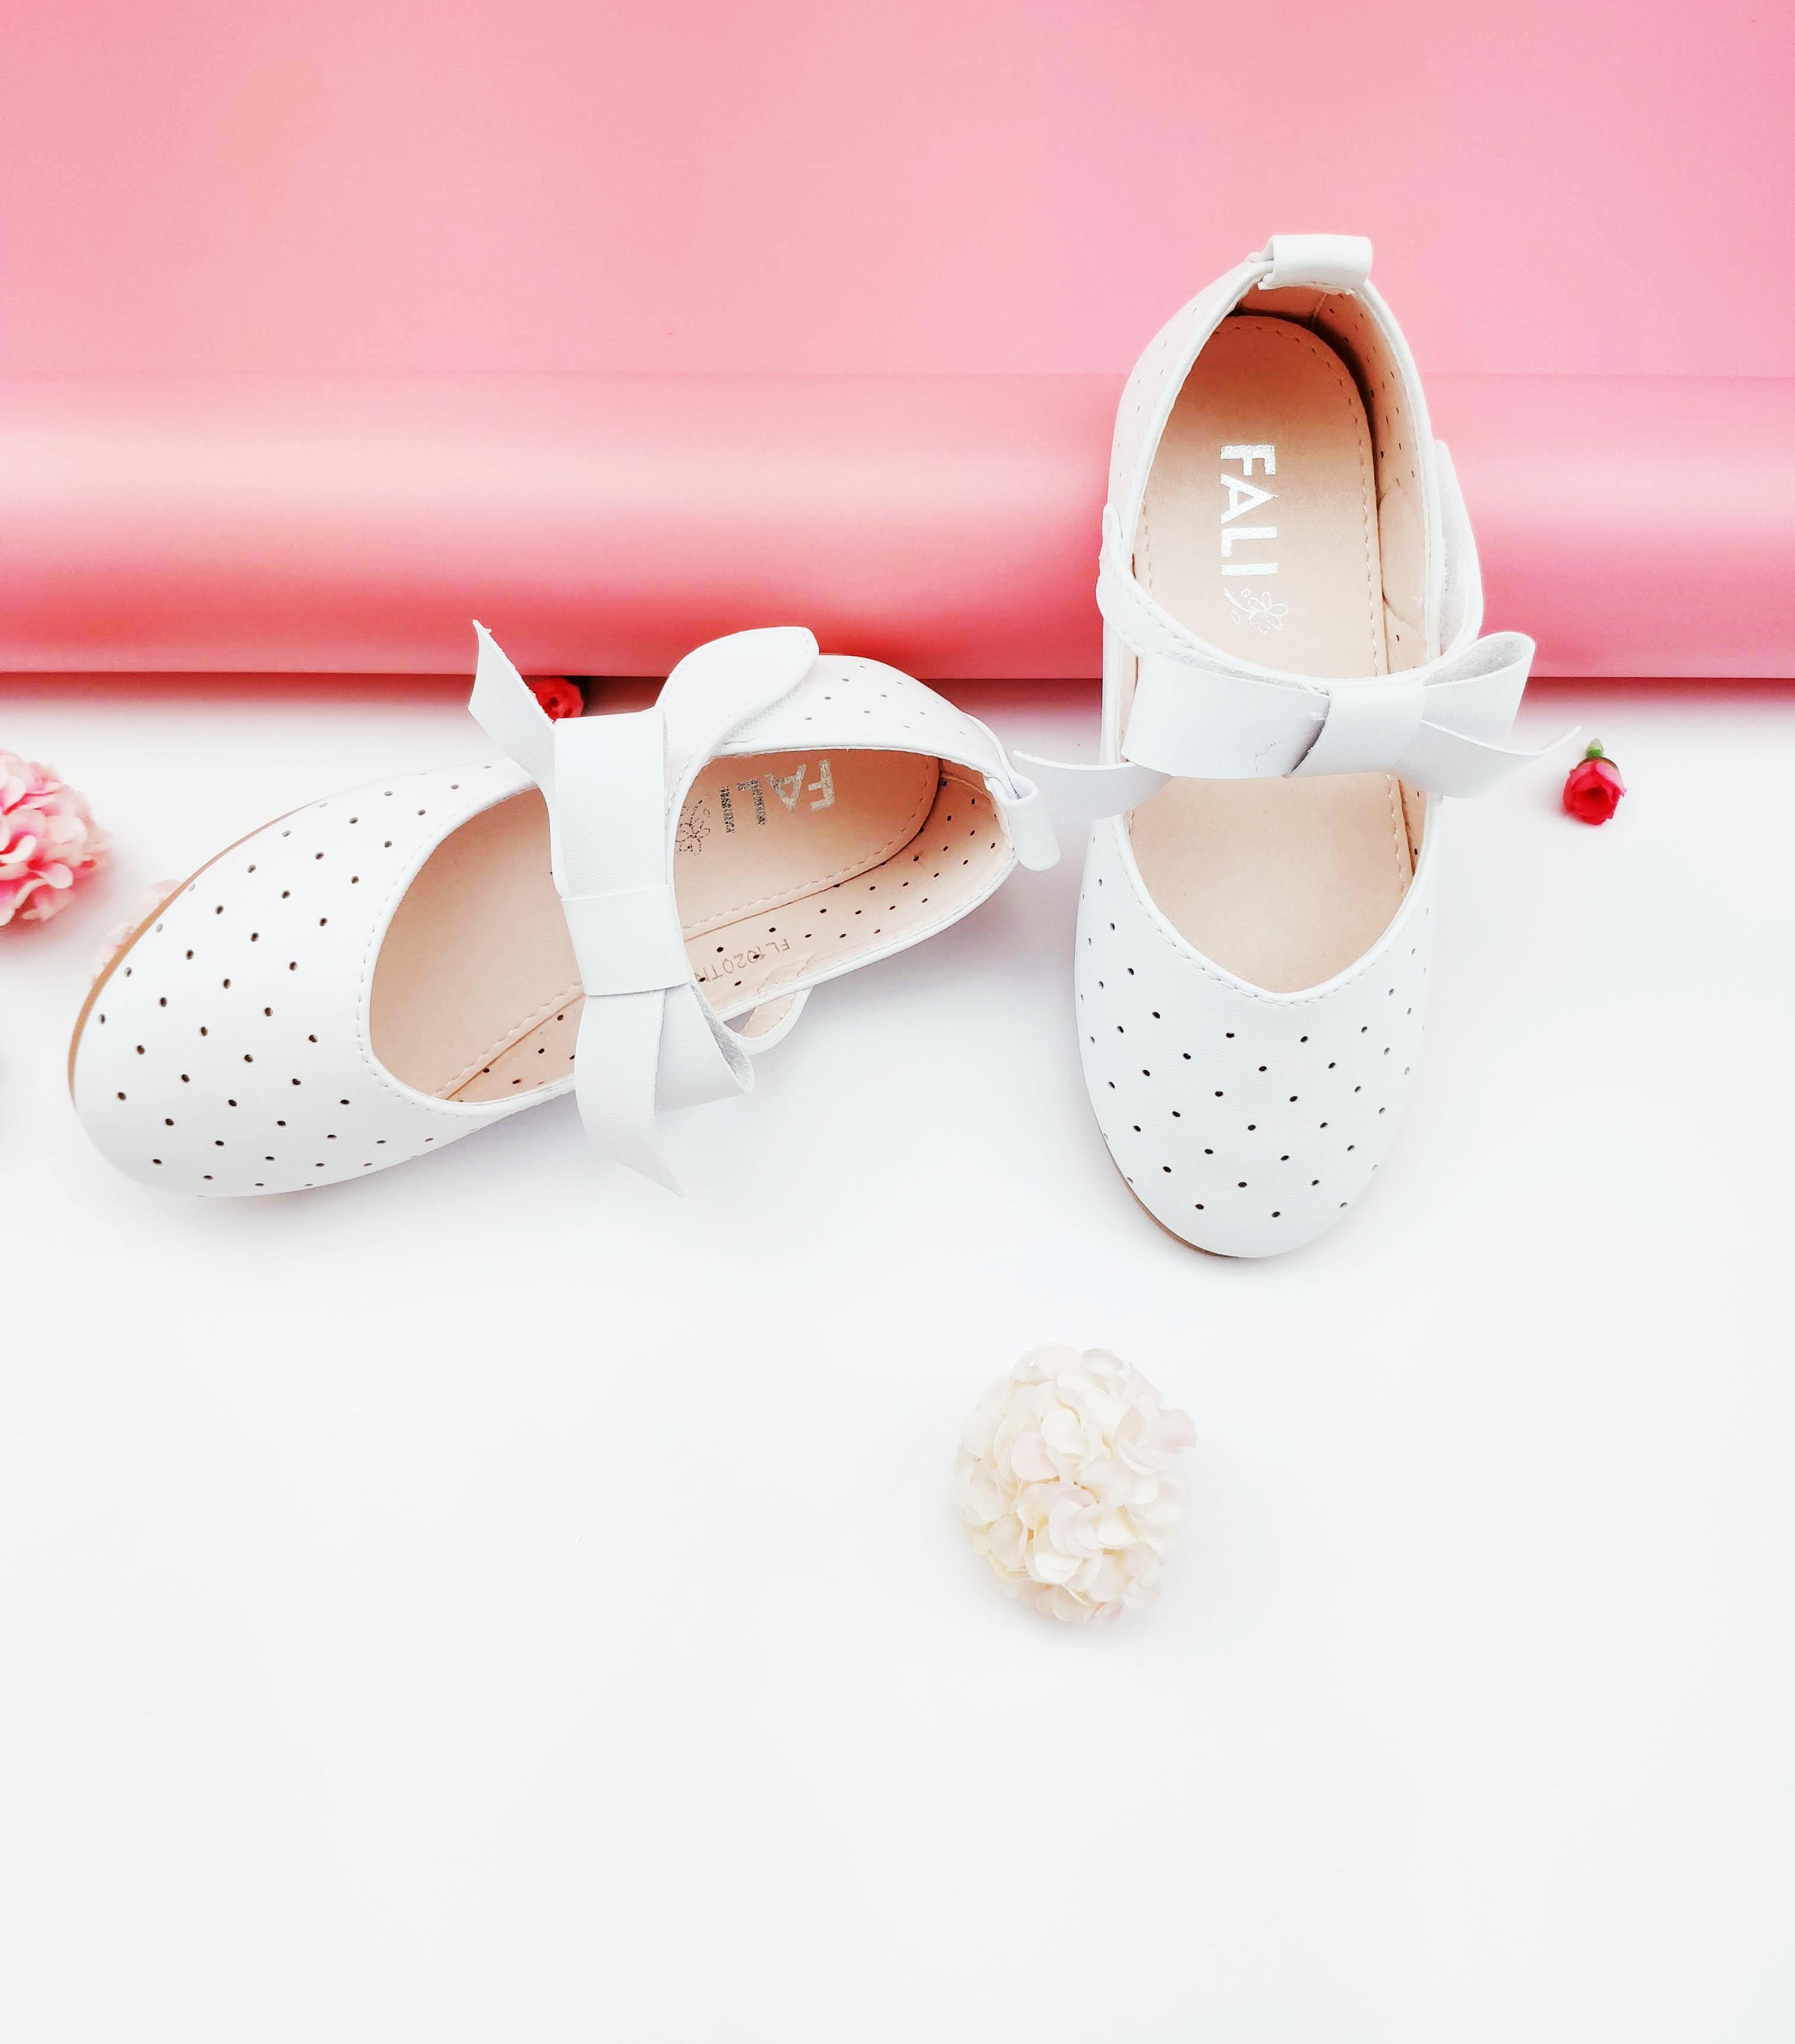 Giày búp bê Pink Navy gắn nơ bé gái siêu êm nhẹ từ 3-12 tuổi màu trắng    Giày búp bê bé gái